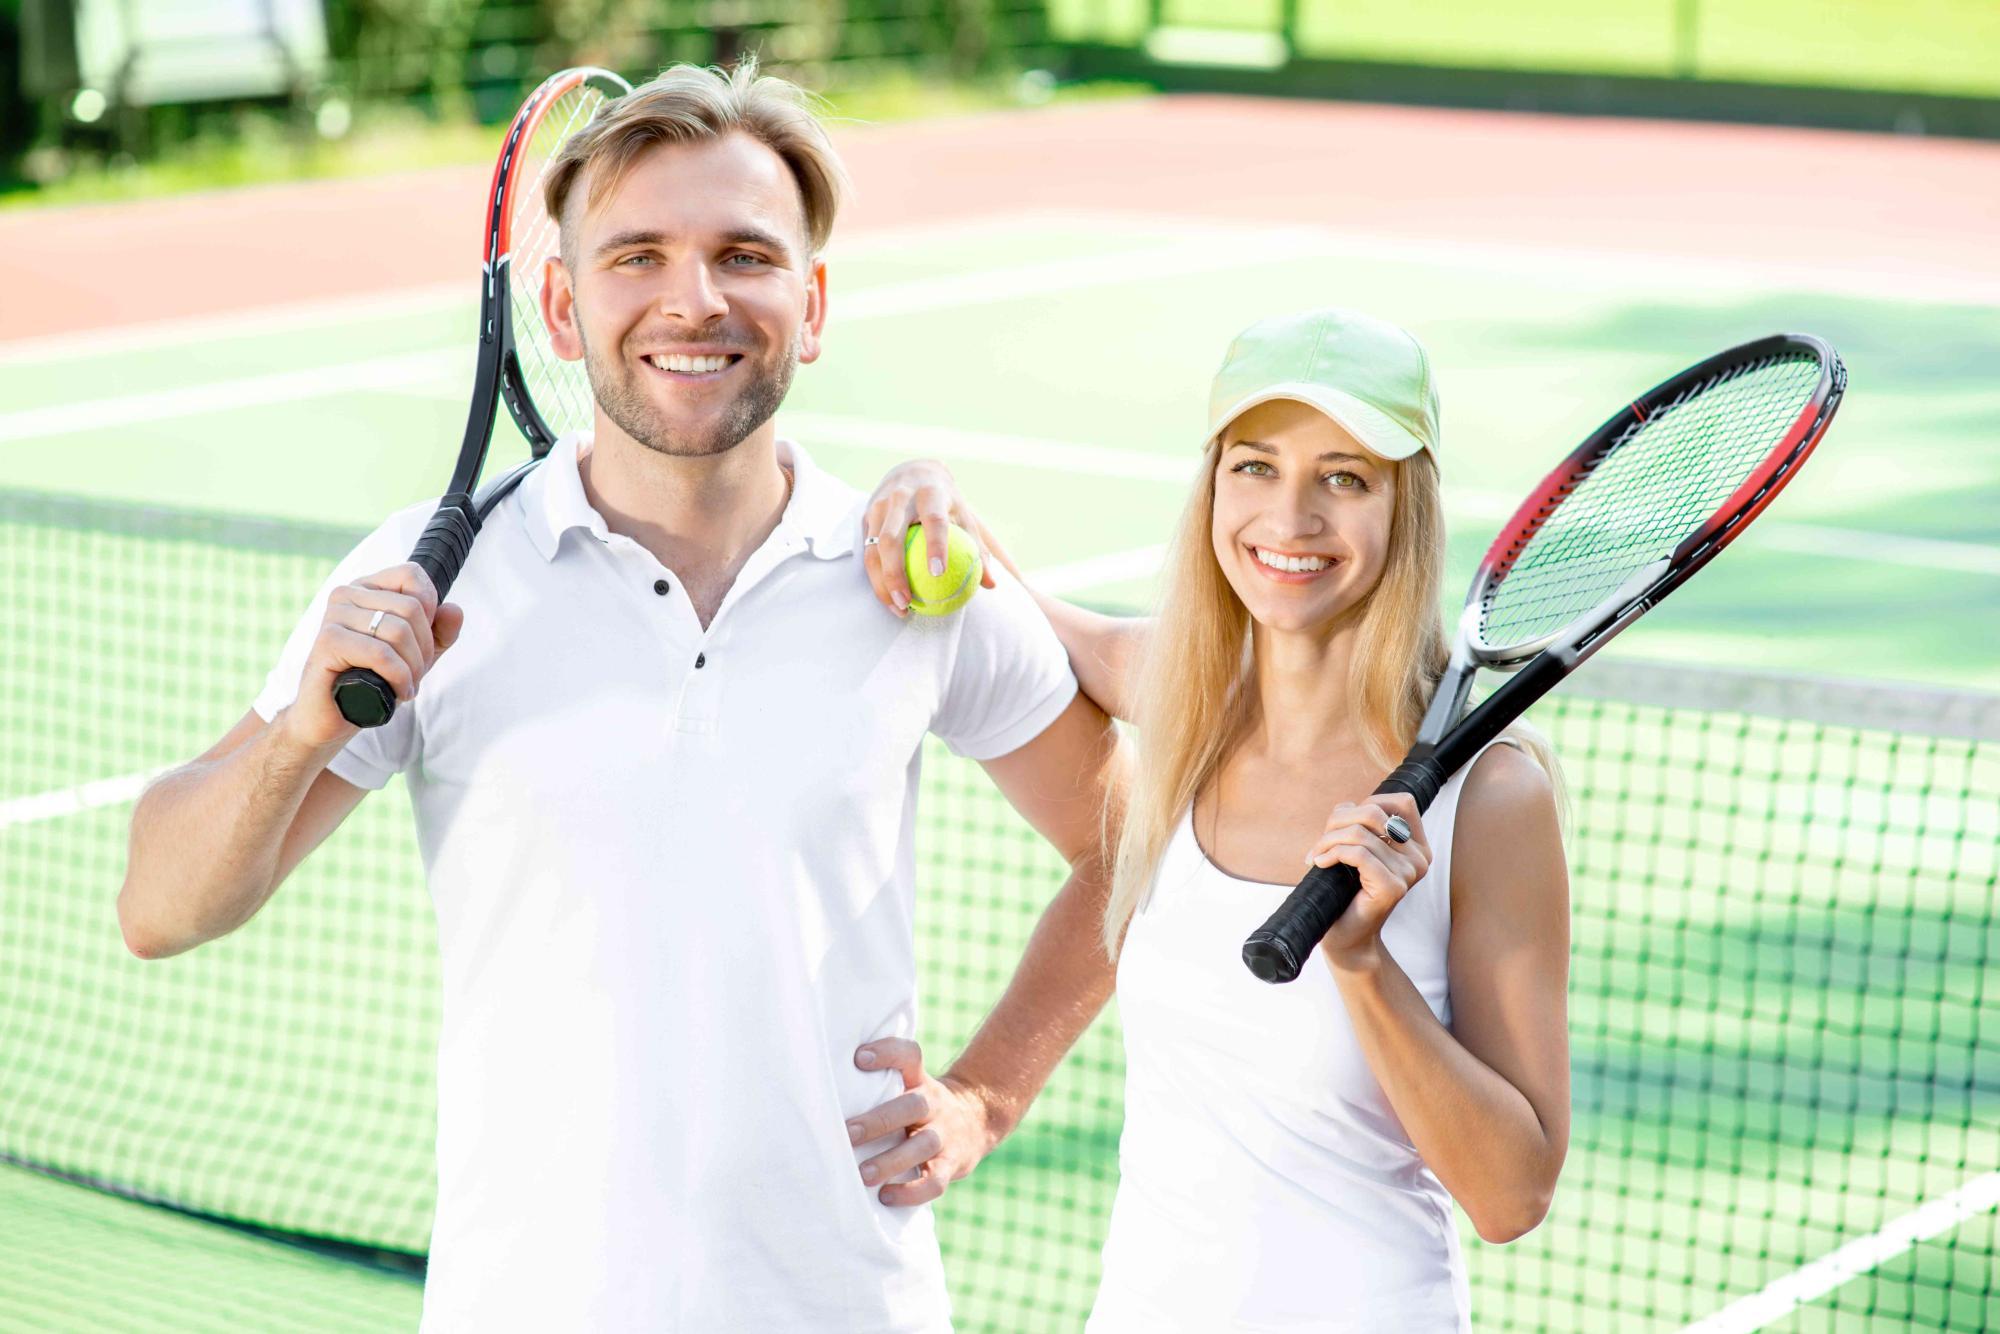 Profesor de tenis, Clases de tenis